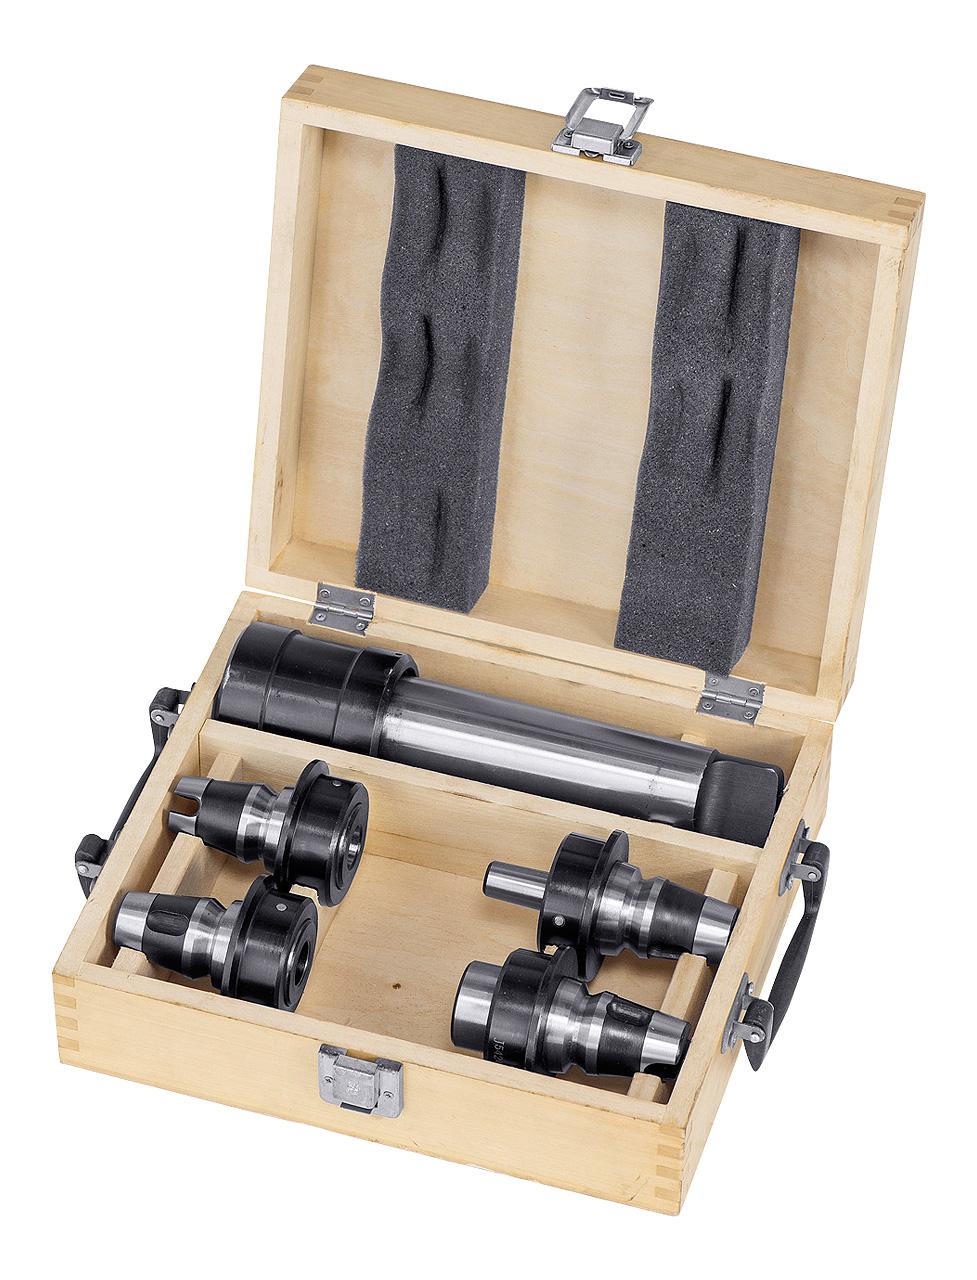 Zestaw szybkiej wymiany narzędzi MT 5 - MT 3 / MT 2 / MT 1 - B 16 for RD 1400 / RD 1600 BERNARDO